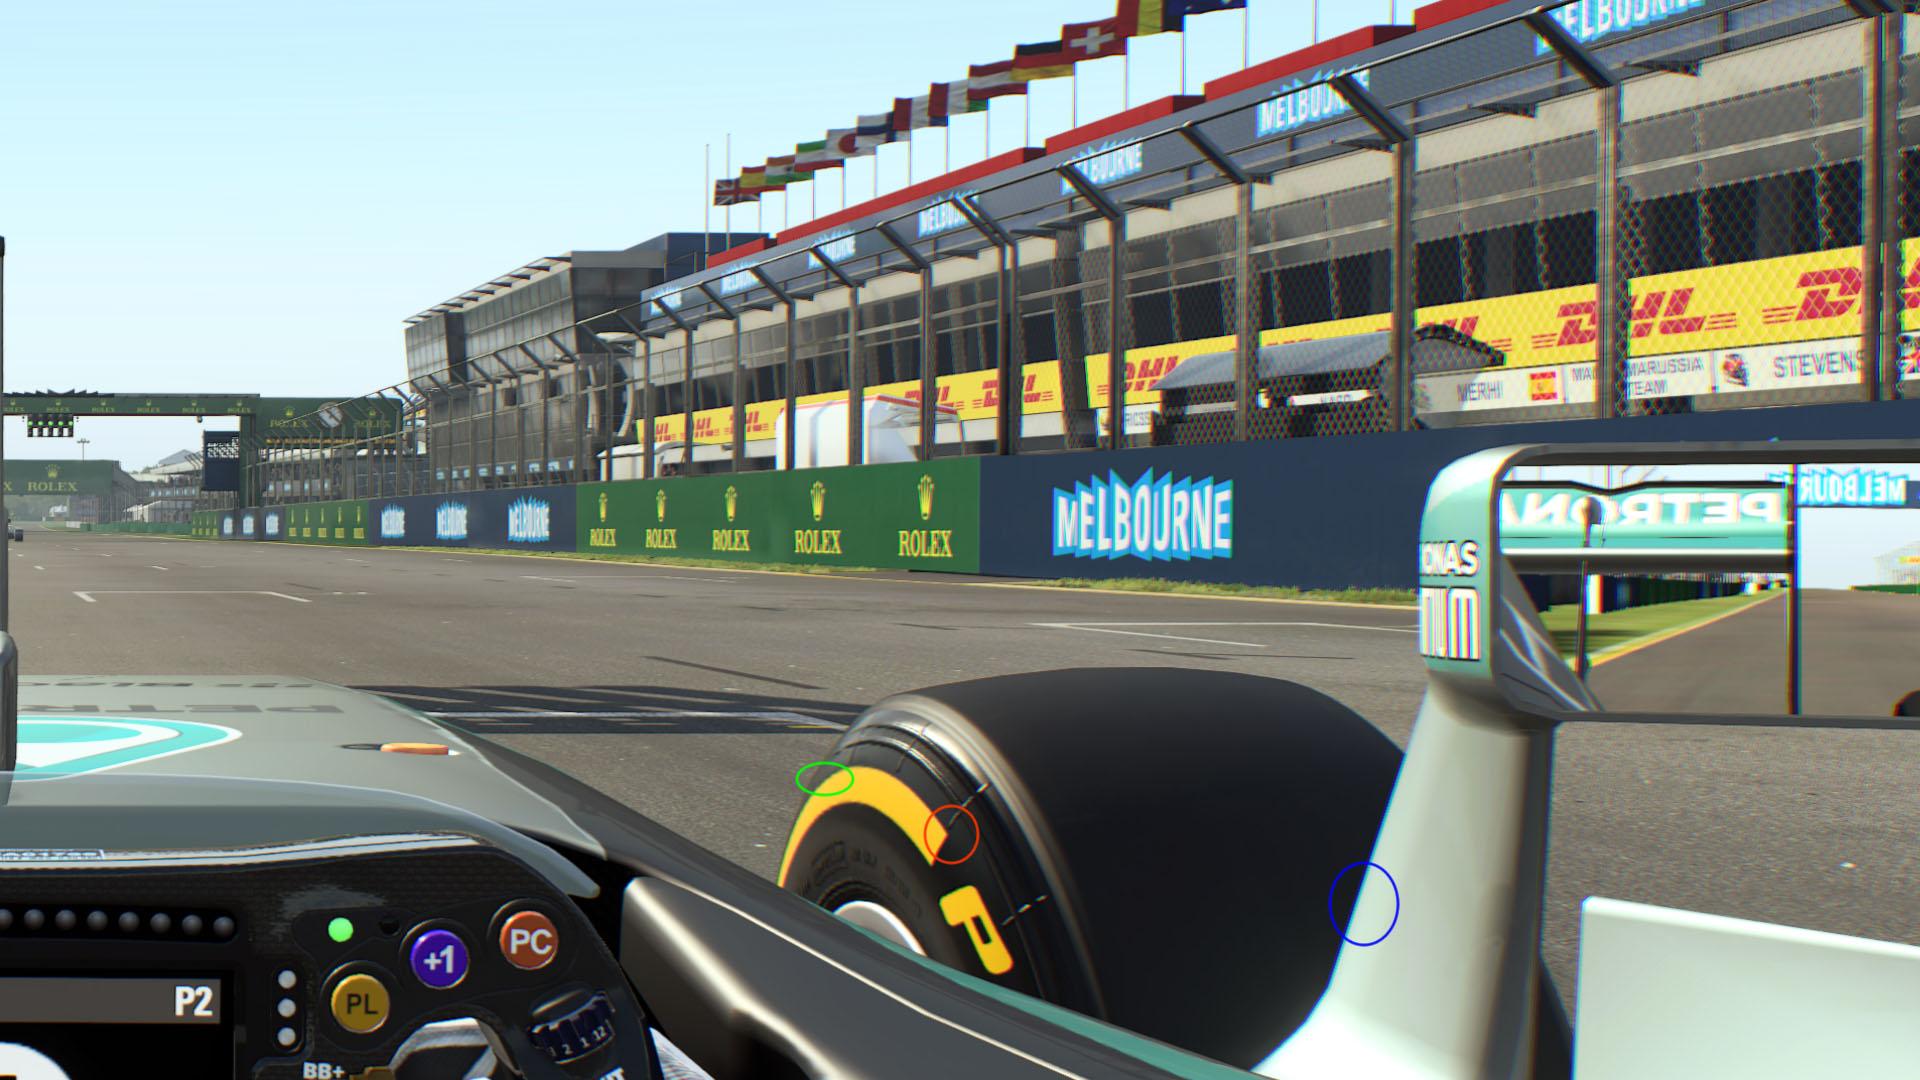 F1_2015 UltraHigh_1080.jpg